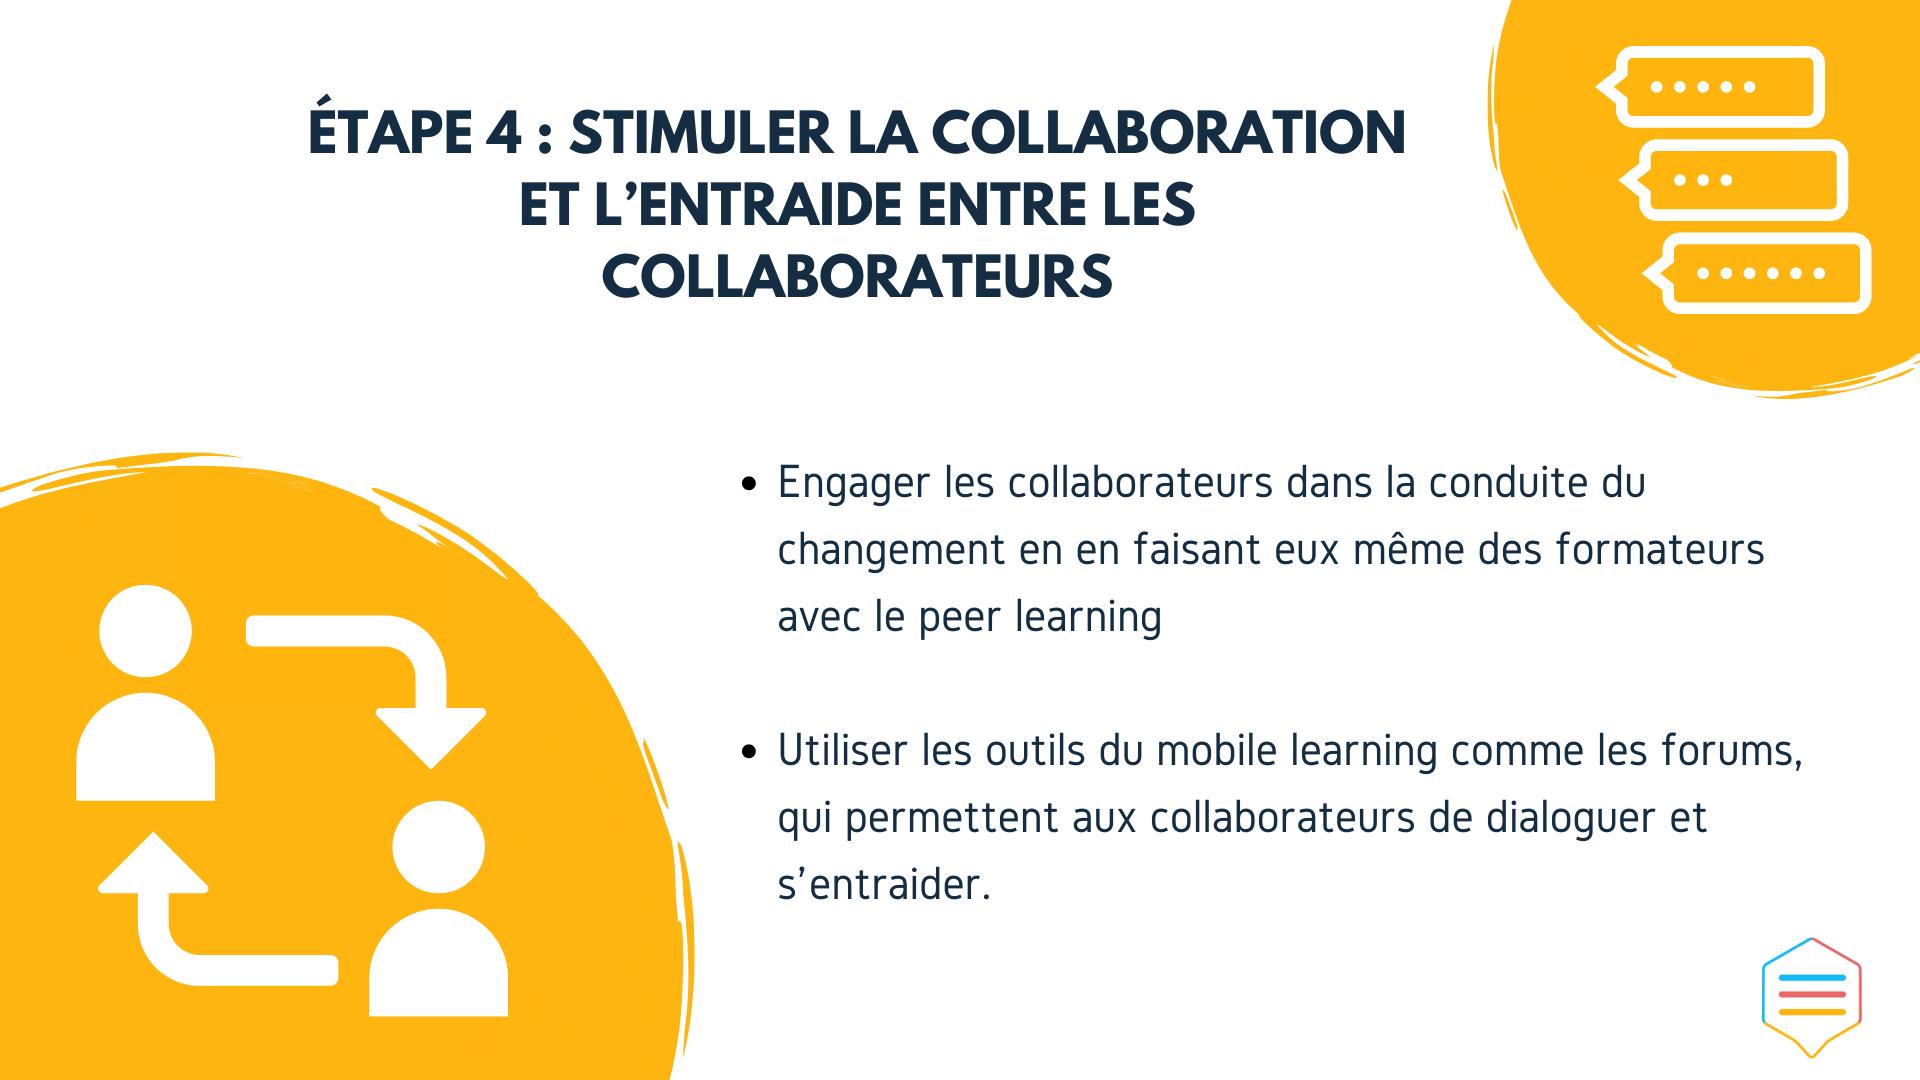 Stimuler la collaboration et l'entraide entre les collaborateurs